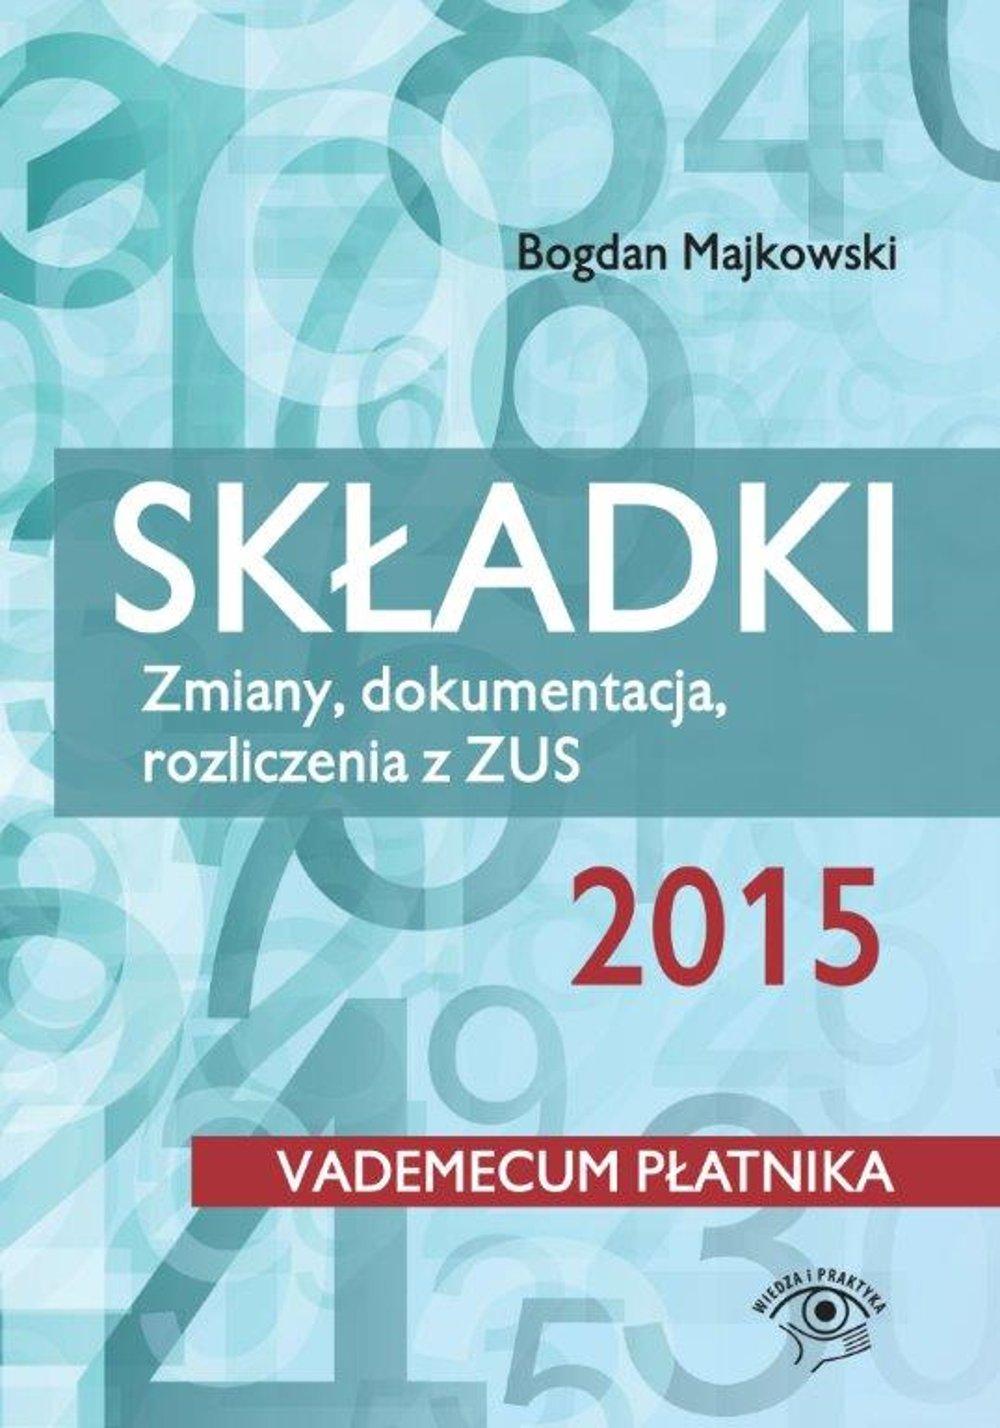 Składki 2015. Zmiany, dokumentacja, rozliczenia z ZUS - Ebook (Książka na Kindle) do pobrania w formacie MOBI